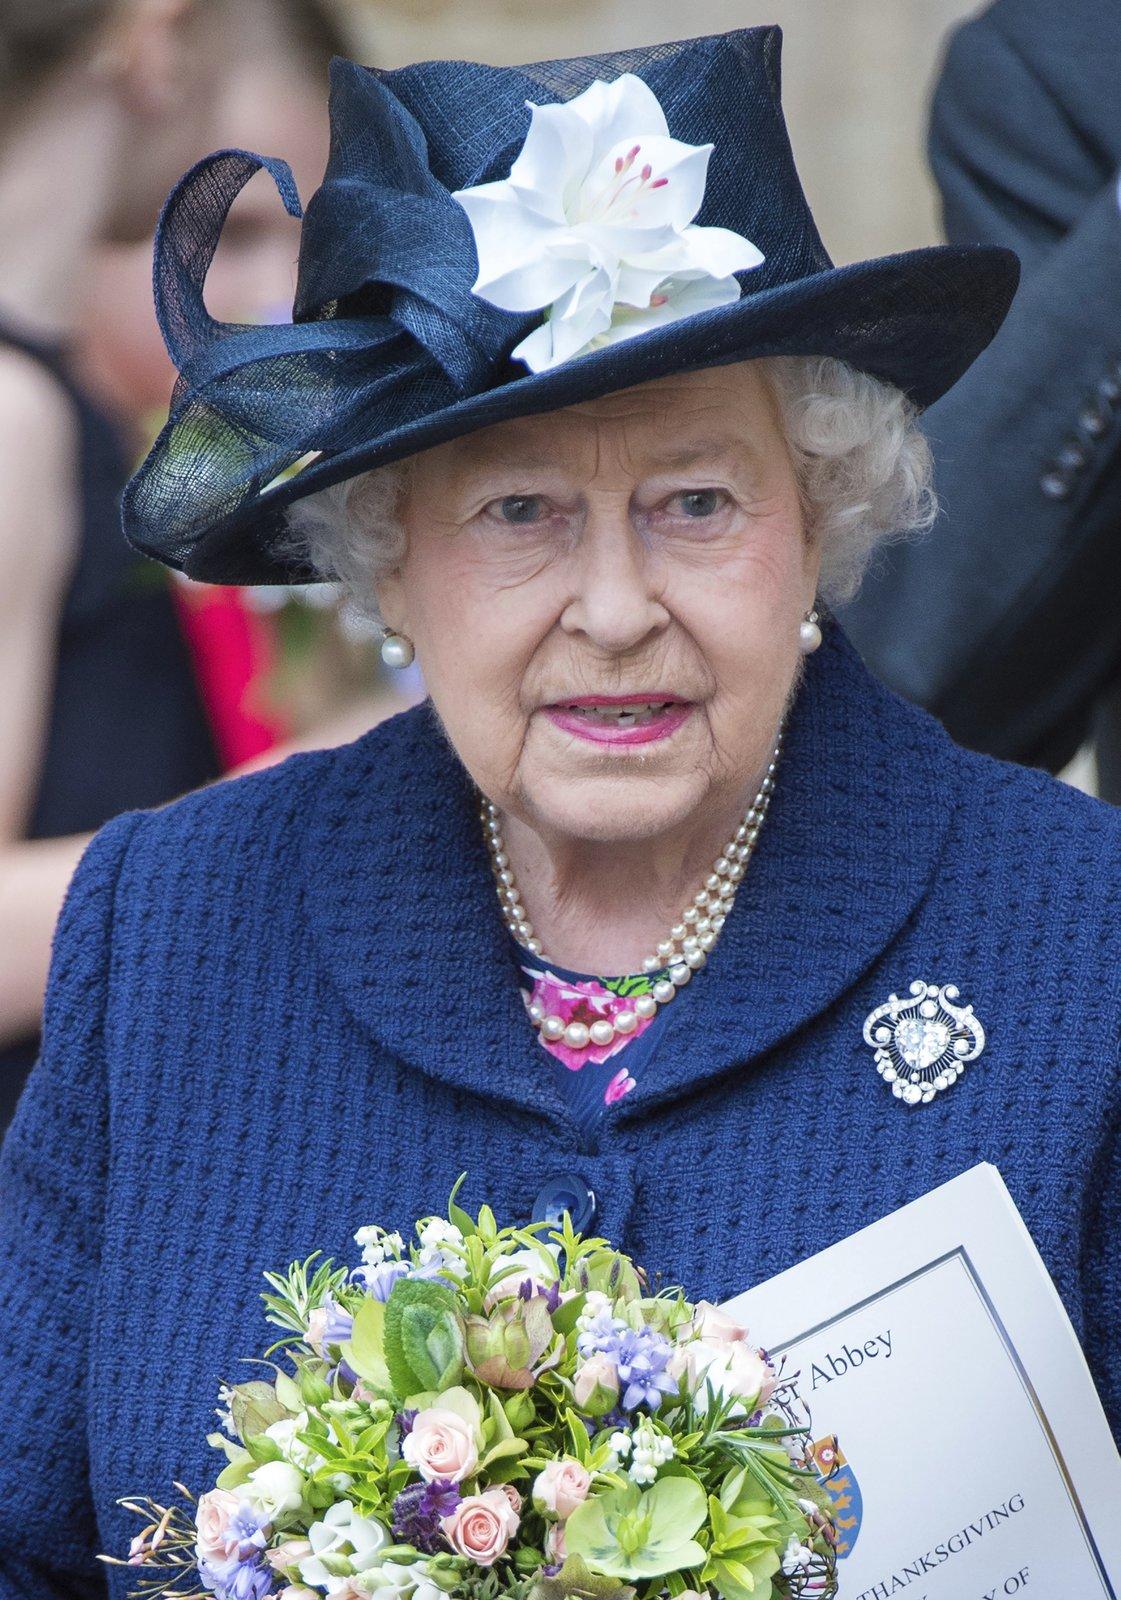 V Londýně si připomněli 70 let od konce druhé světové mší a přehlídkou. Nechyběla královna Alžběta II.